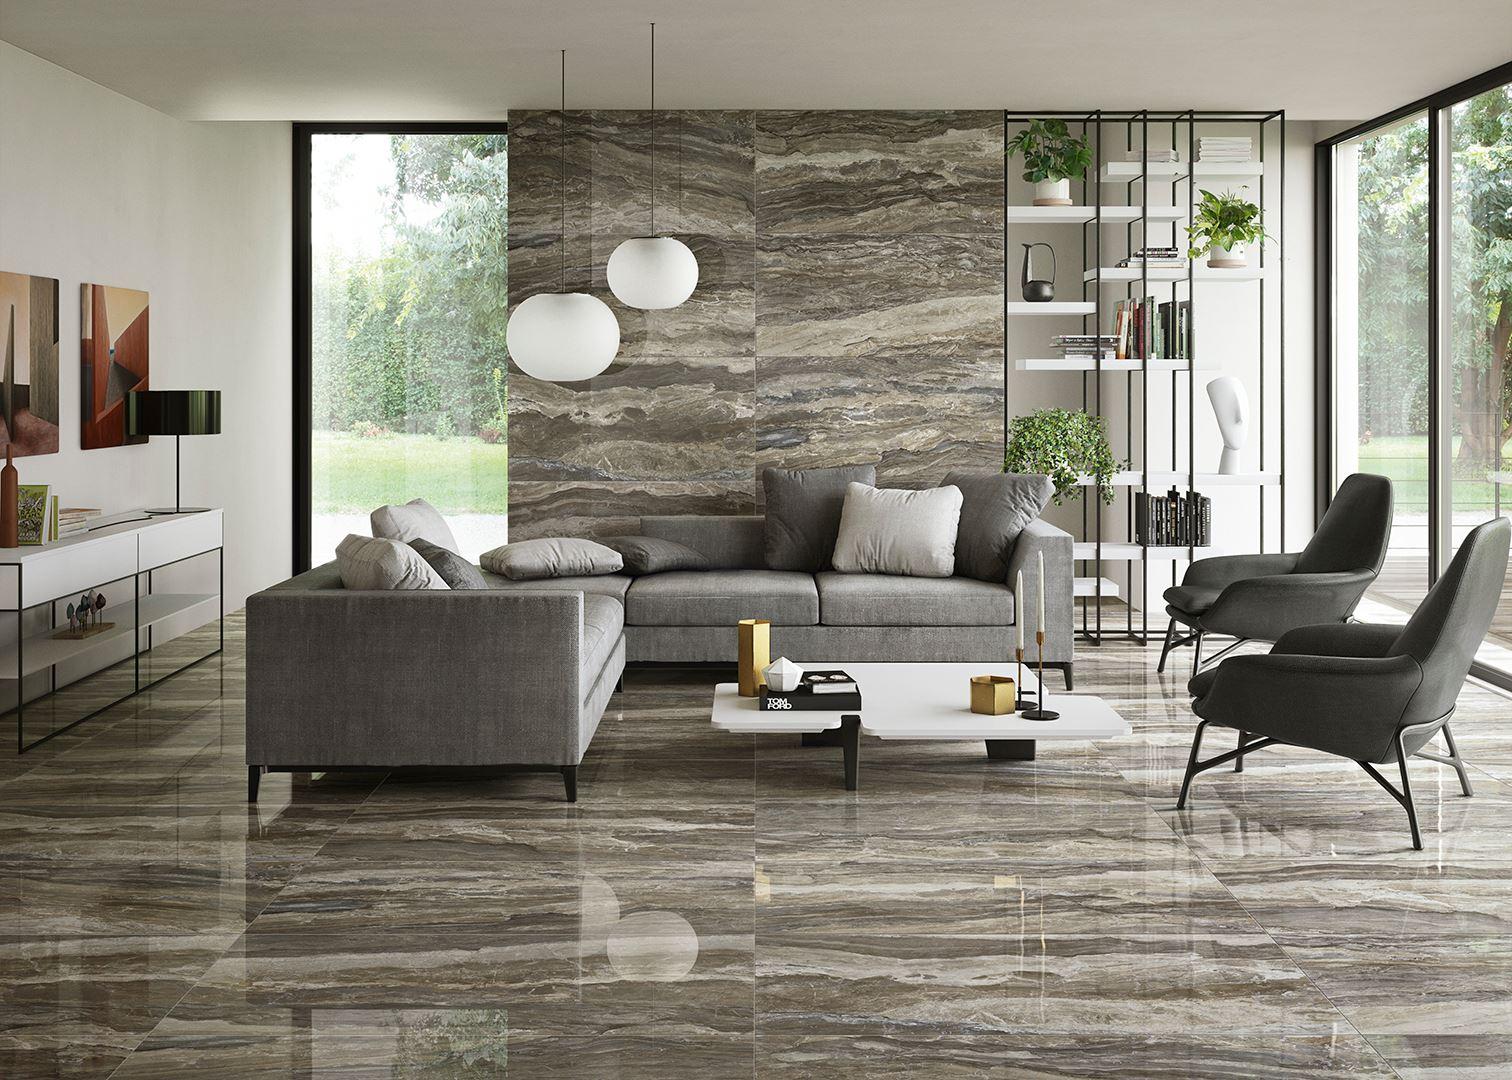 Galleria Stone And Tile Burlington Ma 01803 Tile